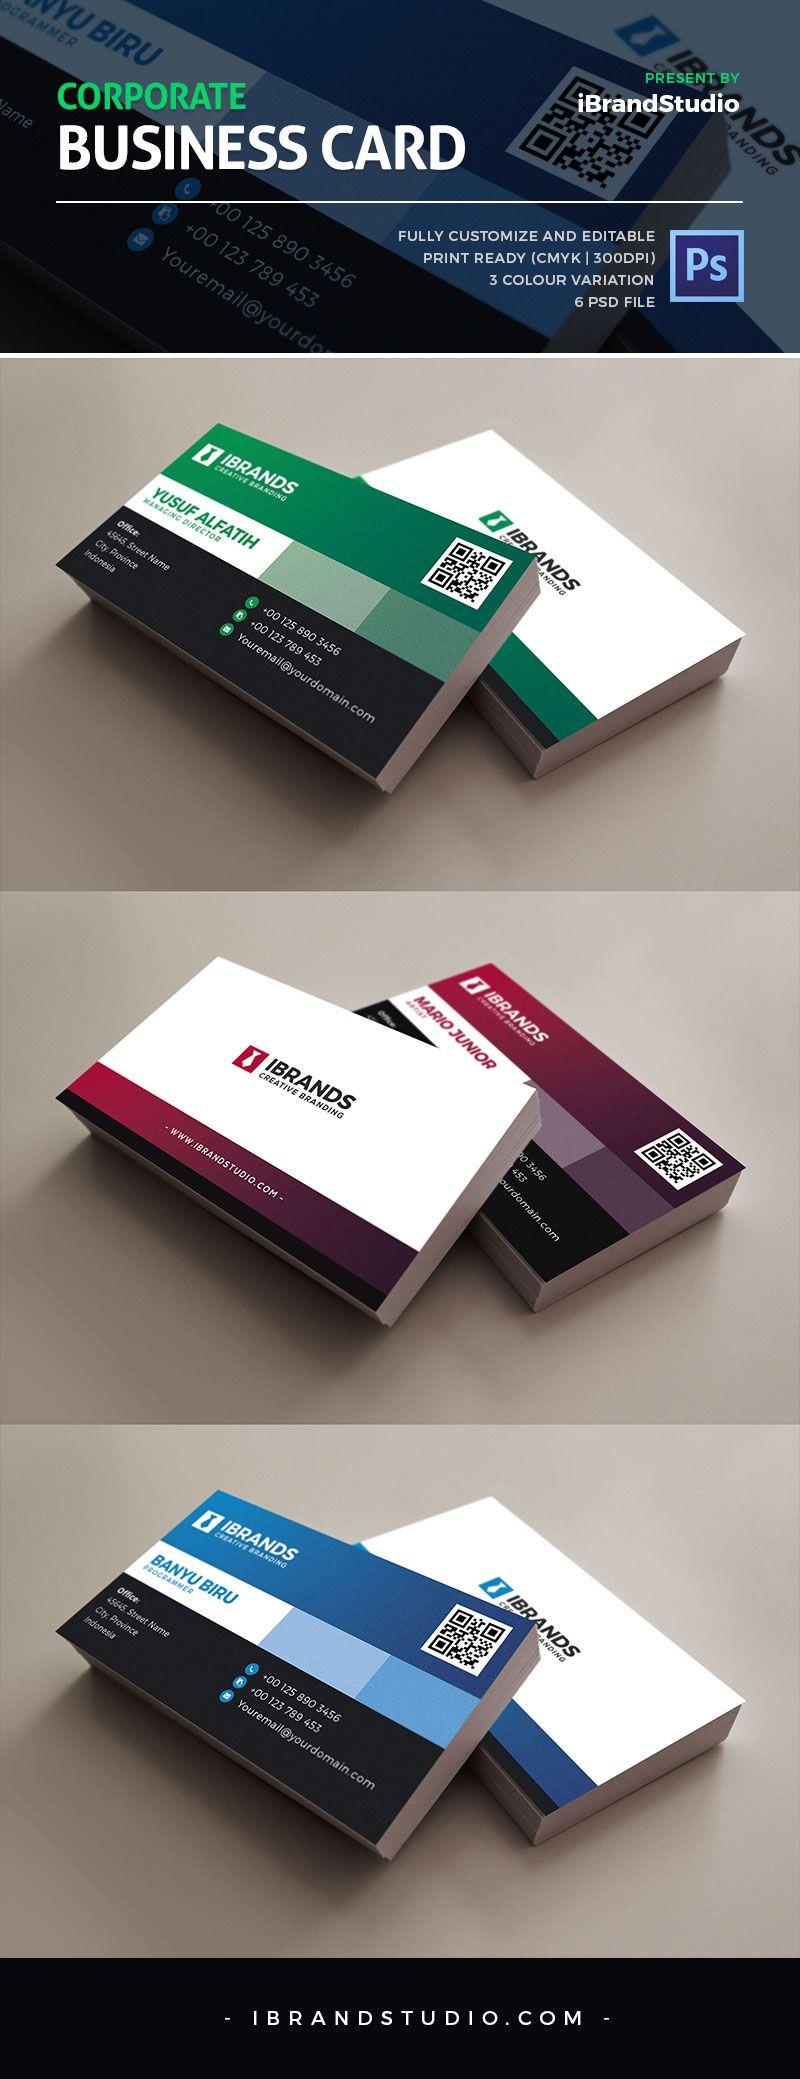 Free Corporate Business Card Template 3 Colors Carte De Visite